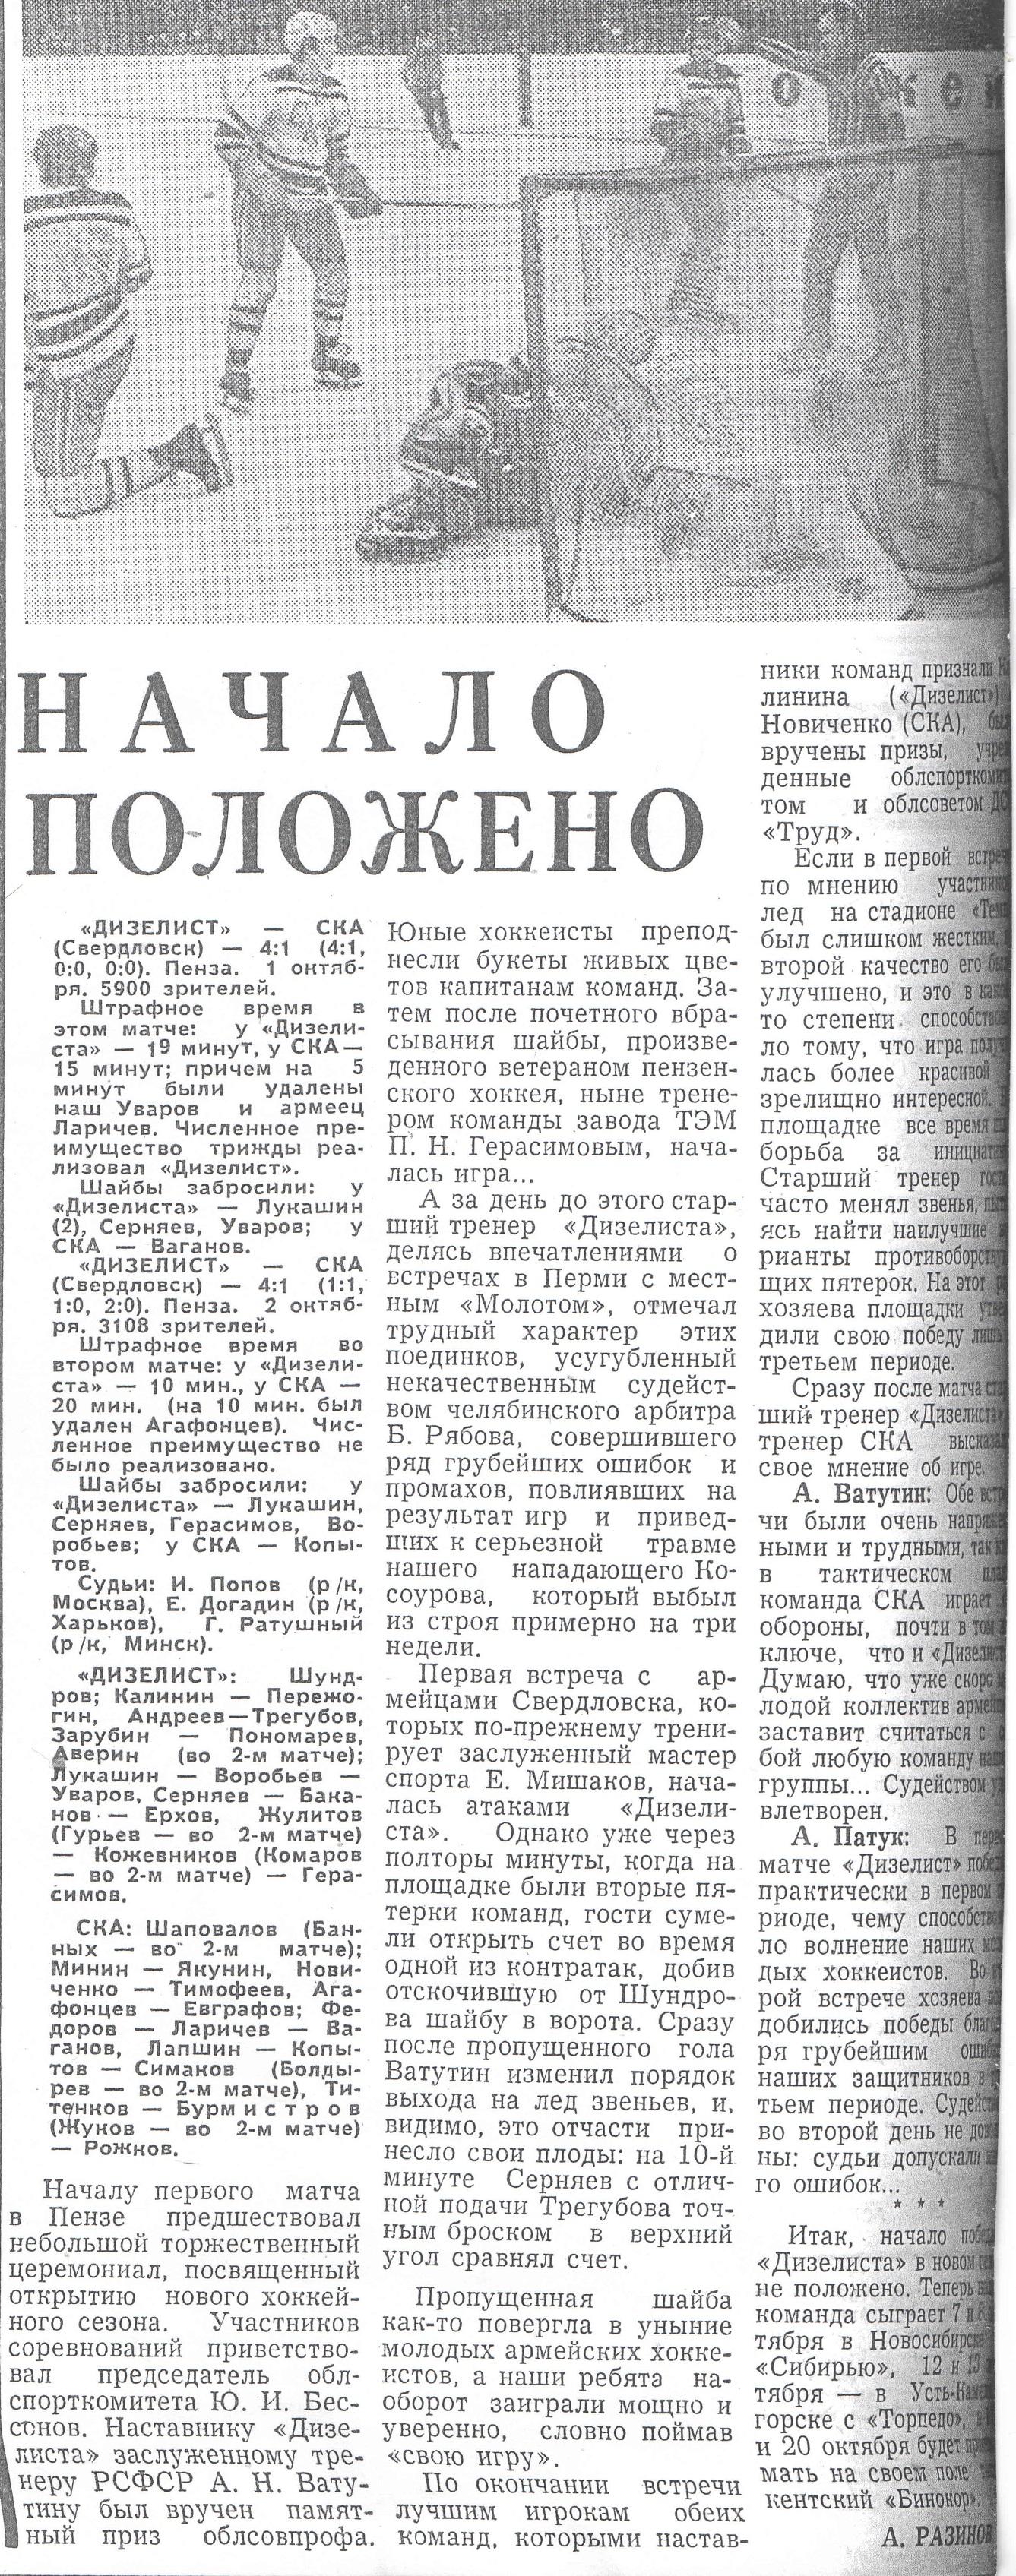 1976-10-1 (2).jpg